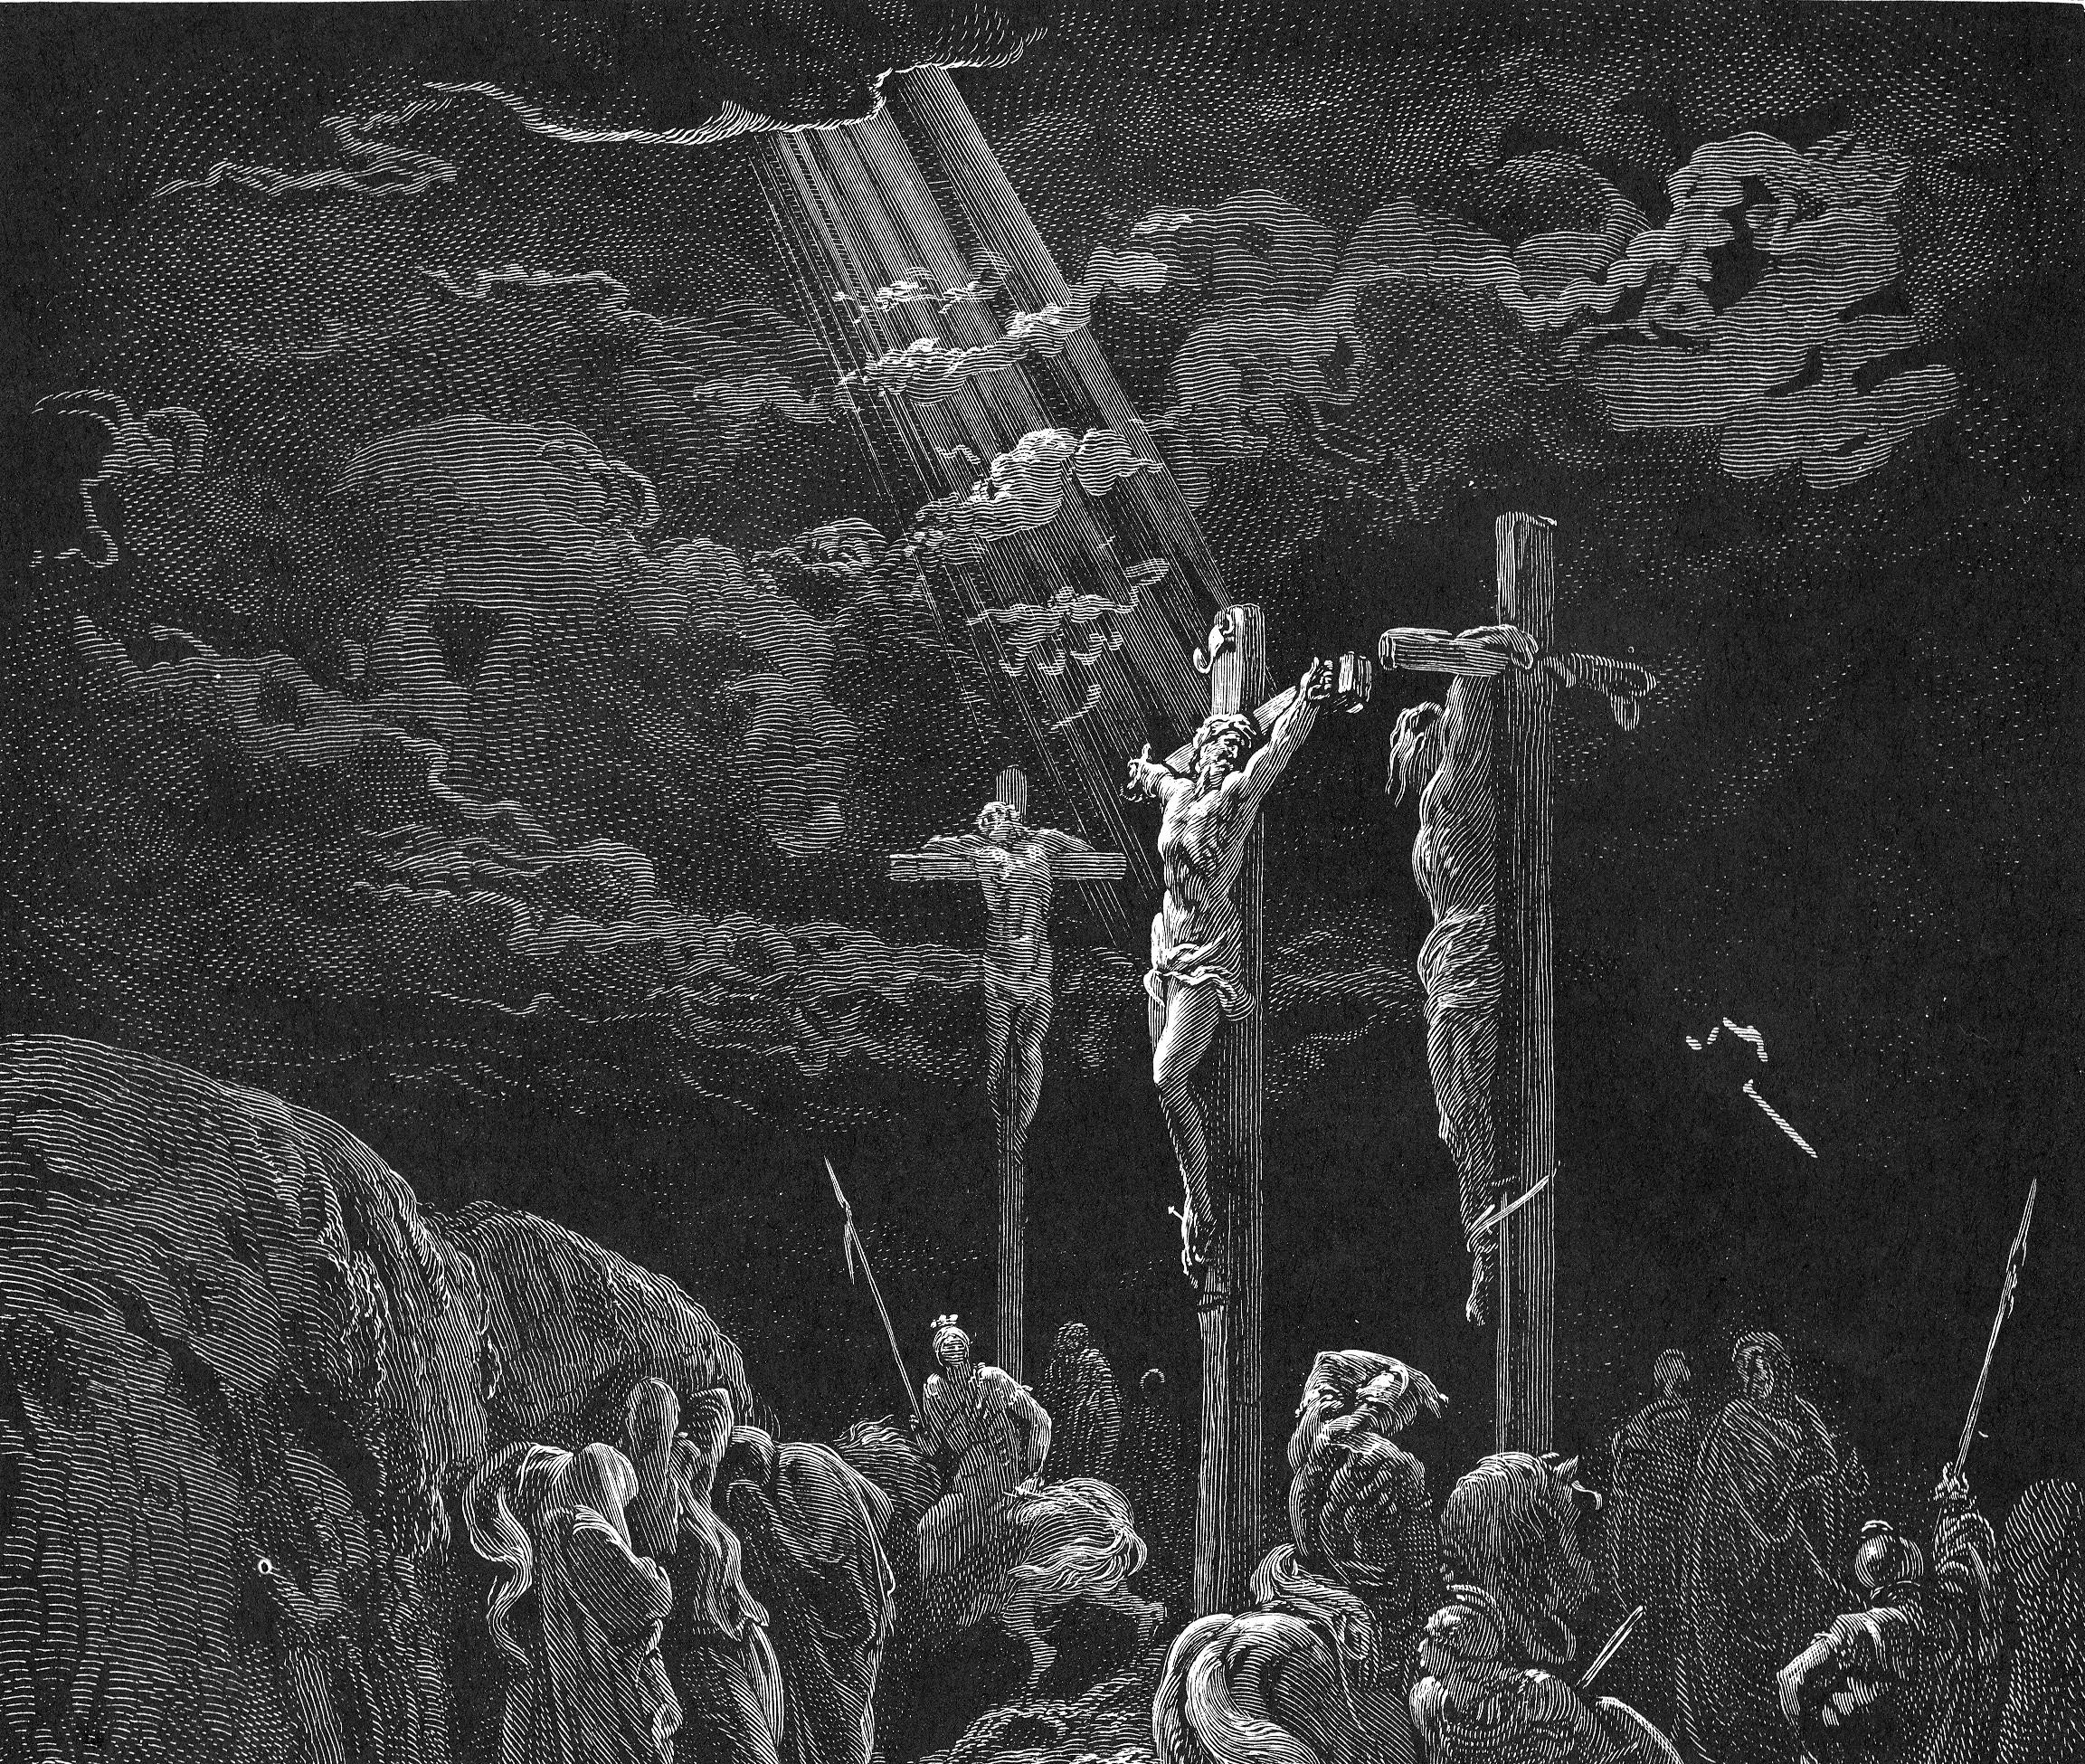 Смотреть black bible копьё лонгинуса 5 с озвучкой 17 фотография